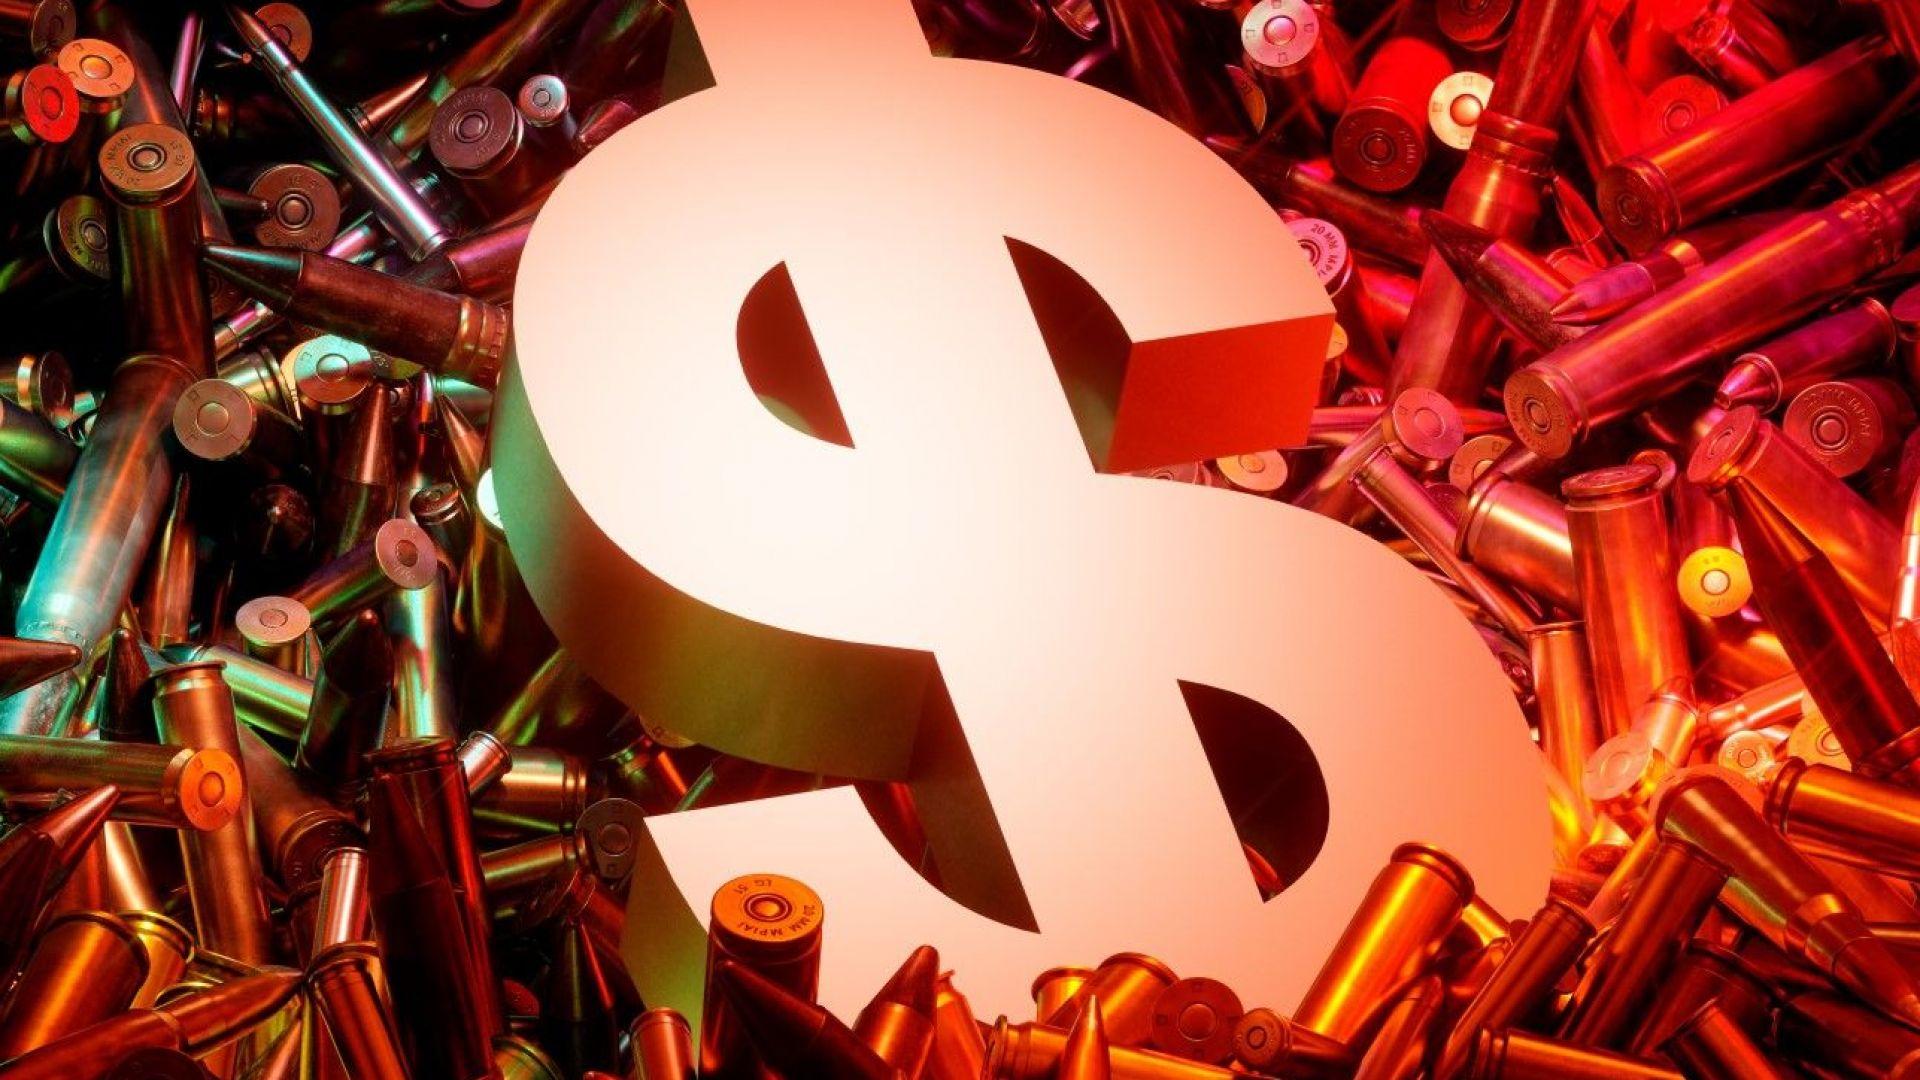 Светът харчи за оръжия 1739 милиарда долара